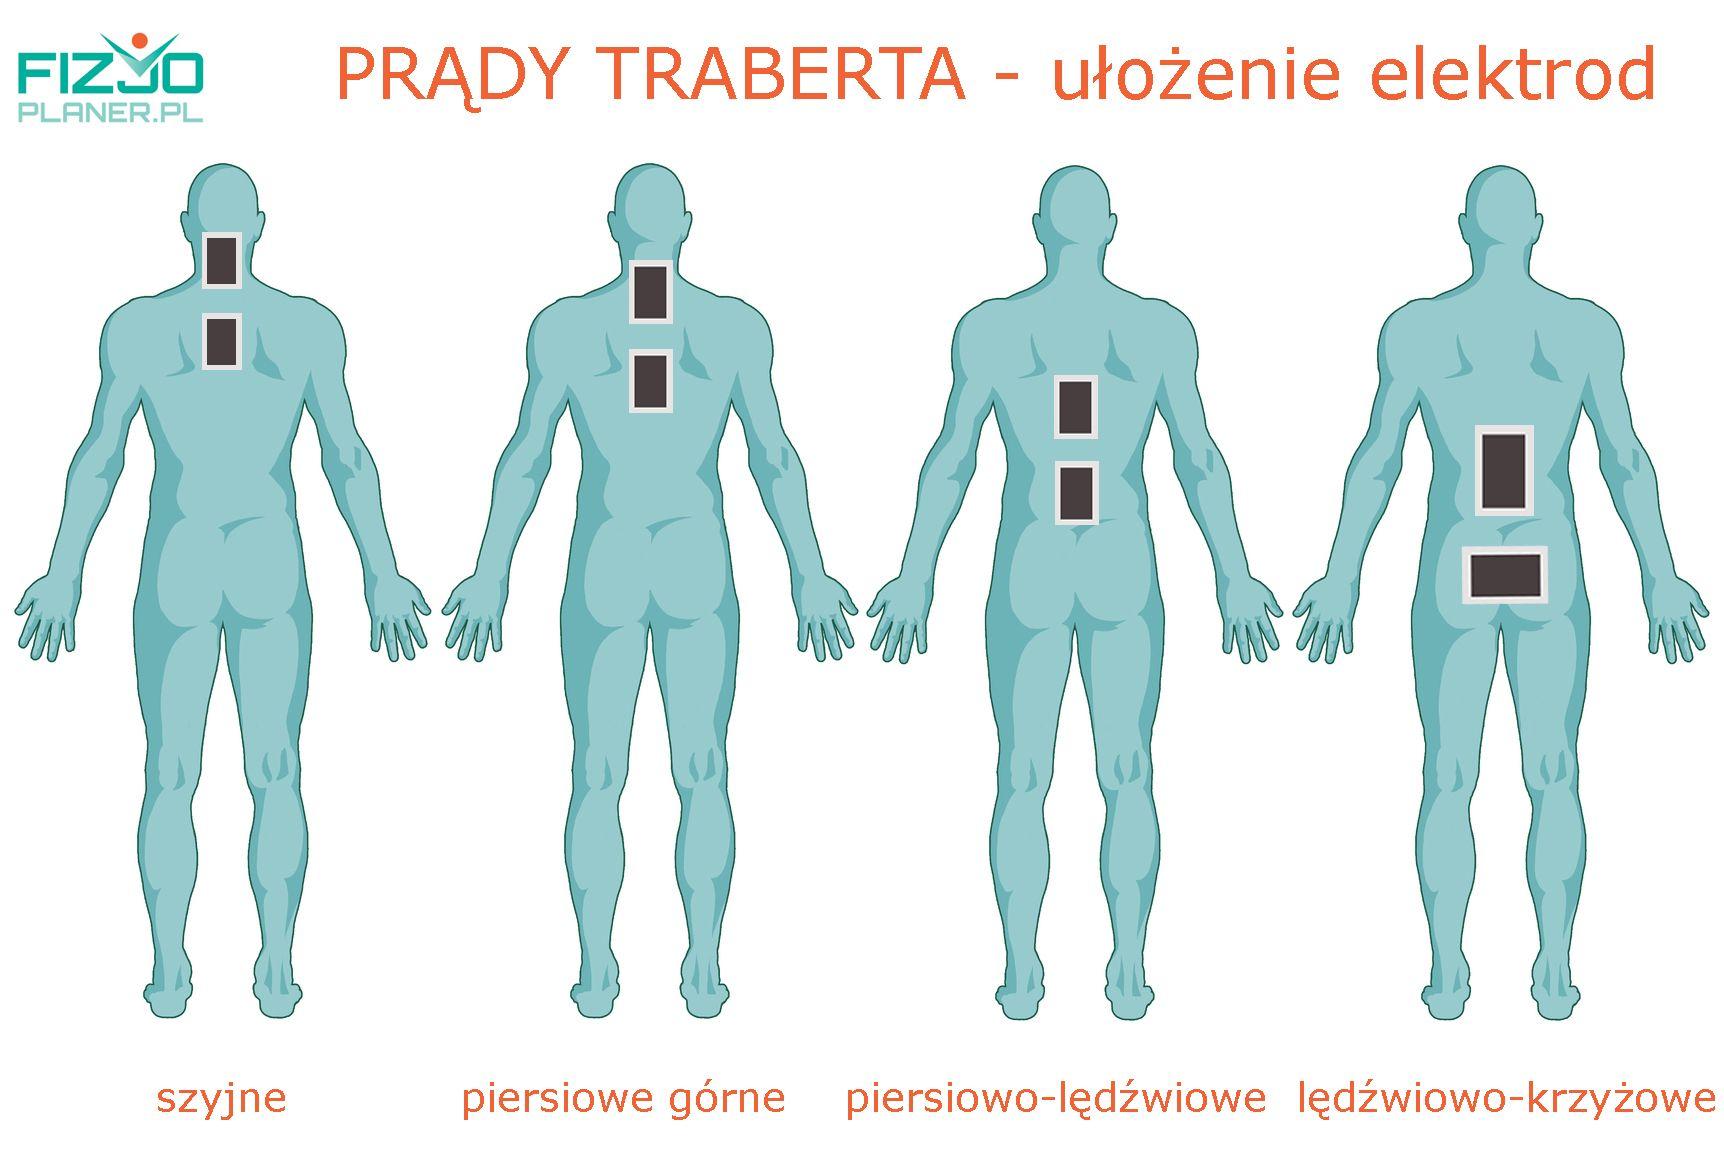 prądy traberta-ułożenie elektrod